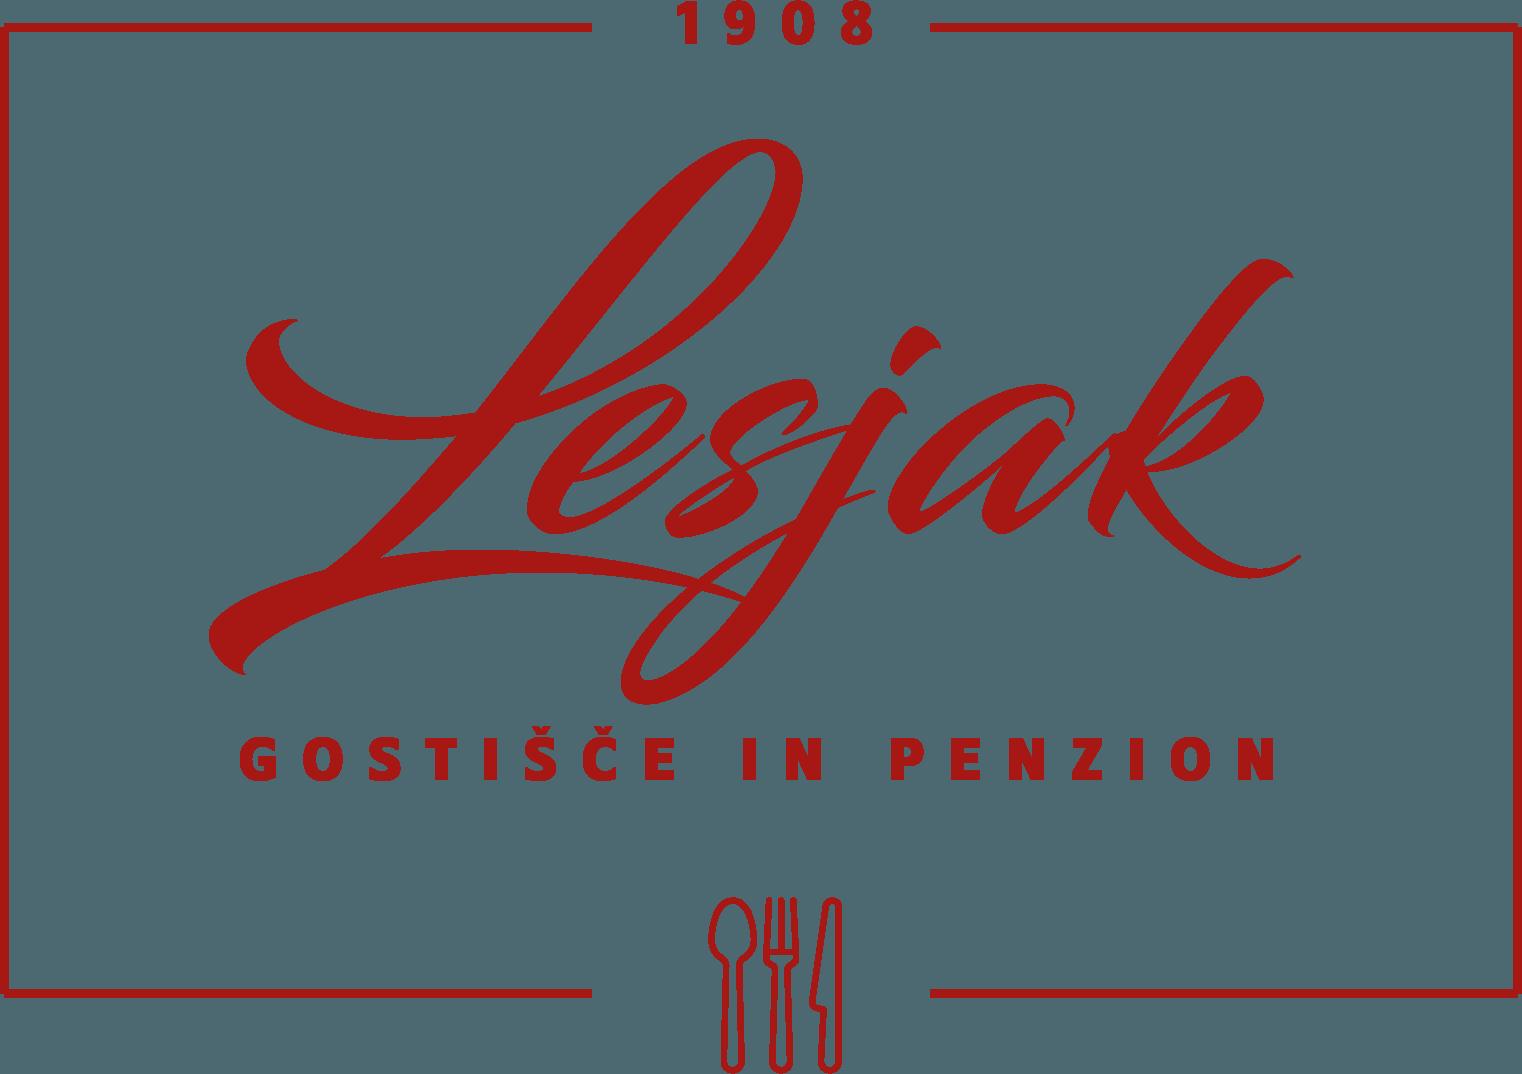 Gostišče Lesjak